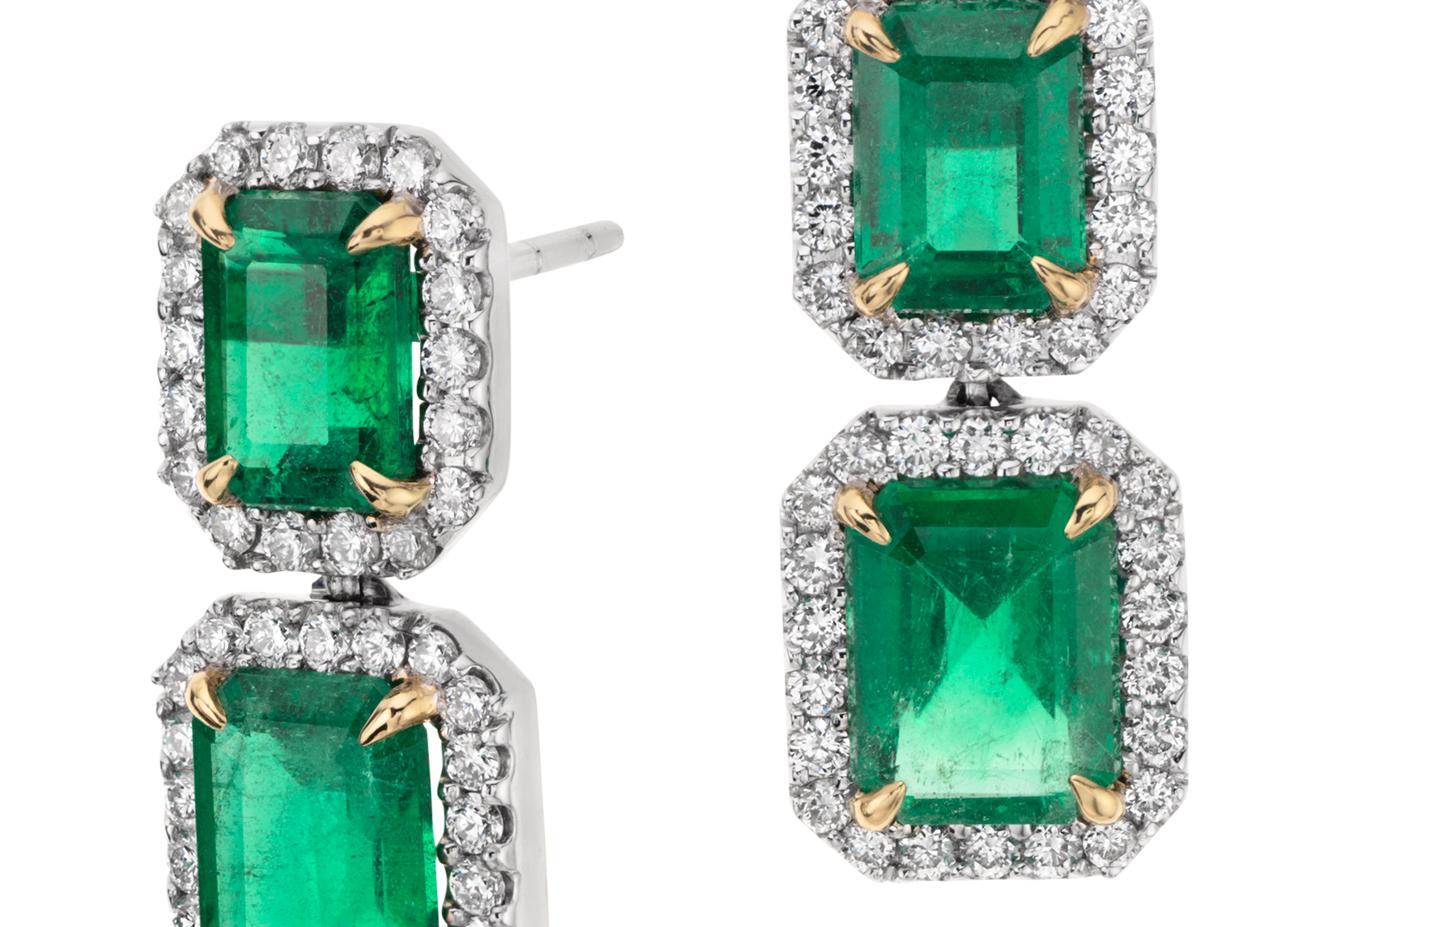 Aretes colgantes de diamantes y esmeraldas de talla esmeralda en oro blanco de 18 k (piedra central de 4,77qt)